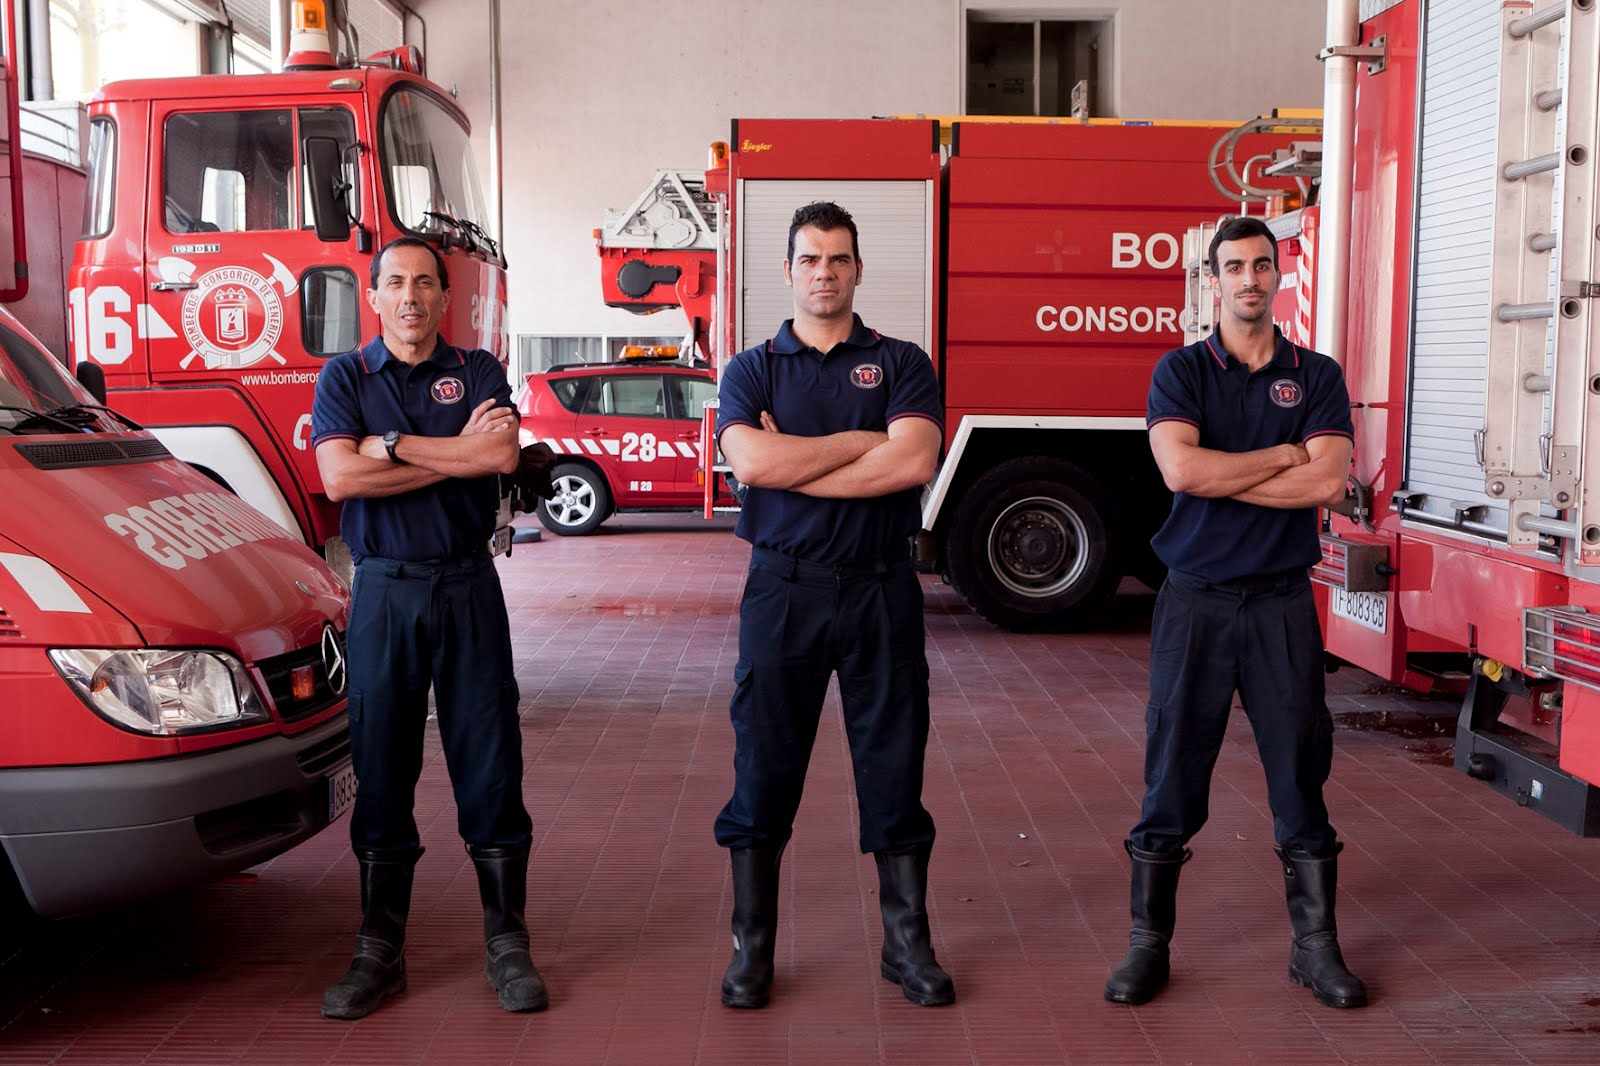 Invierten casi 150.000 euros en el nuevo vestuario contra incendios de Bomberos de Tenerife